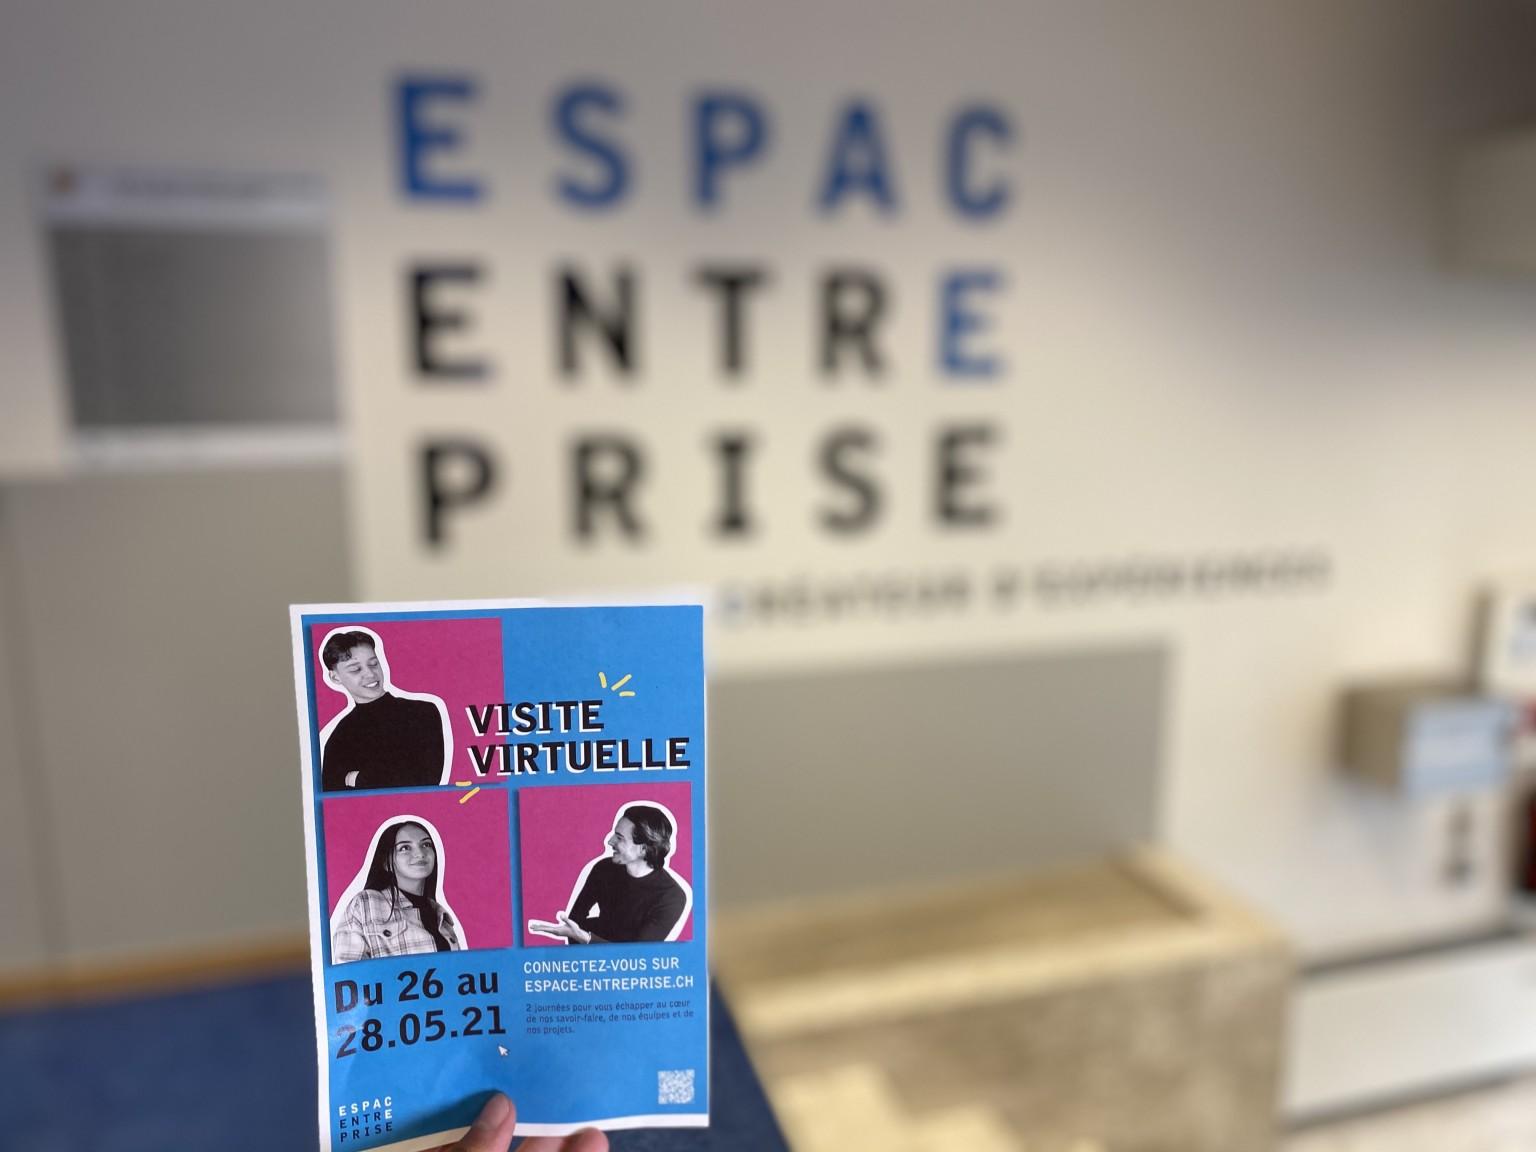 """L'Espace Entreprise organise ses """"Portes Ouvertes"""" sous la forme d'une visite virtuelle"""